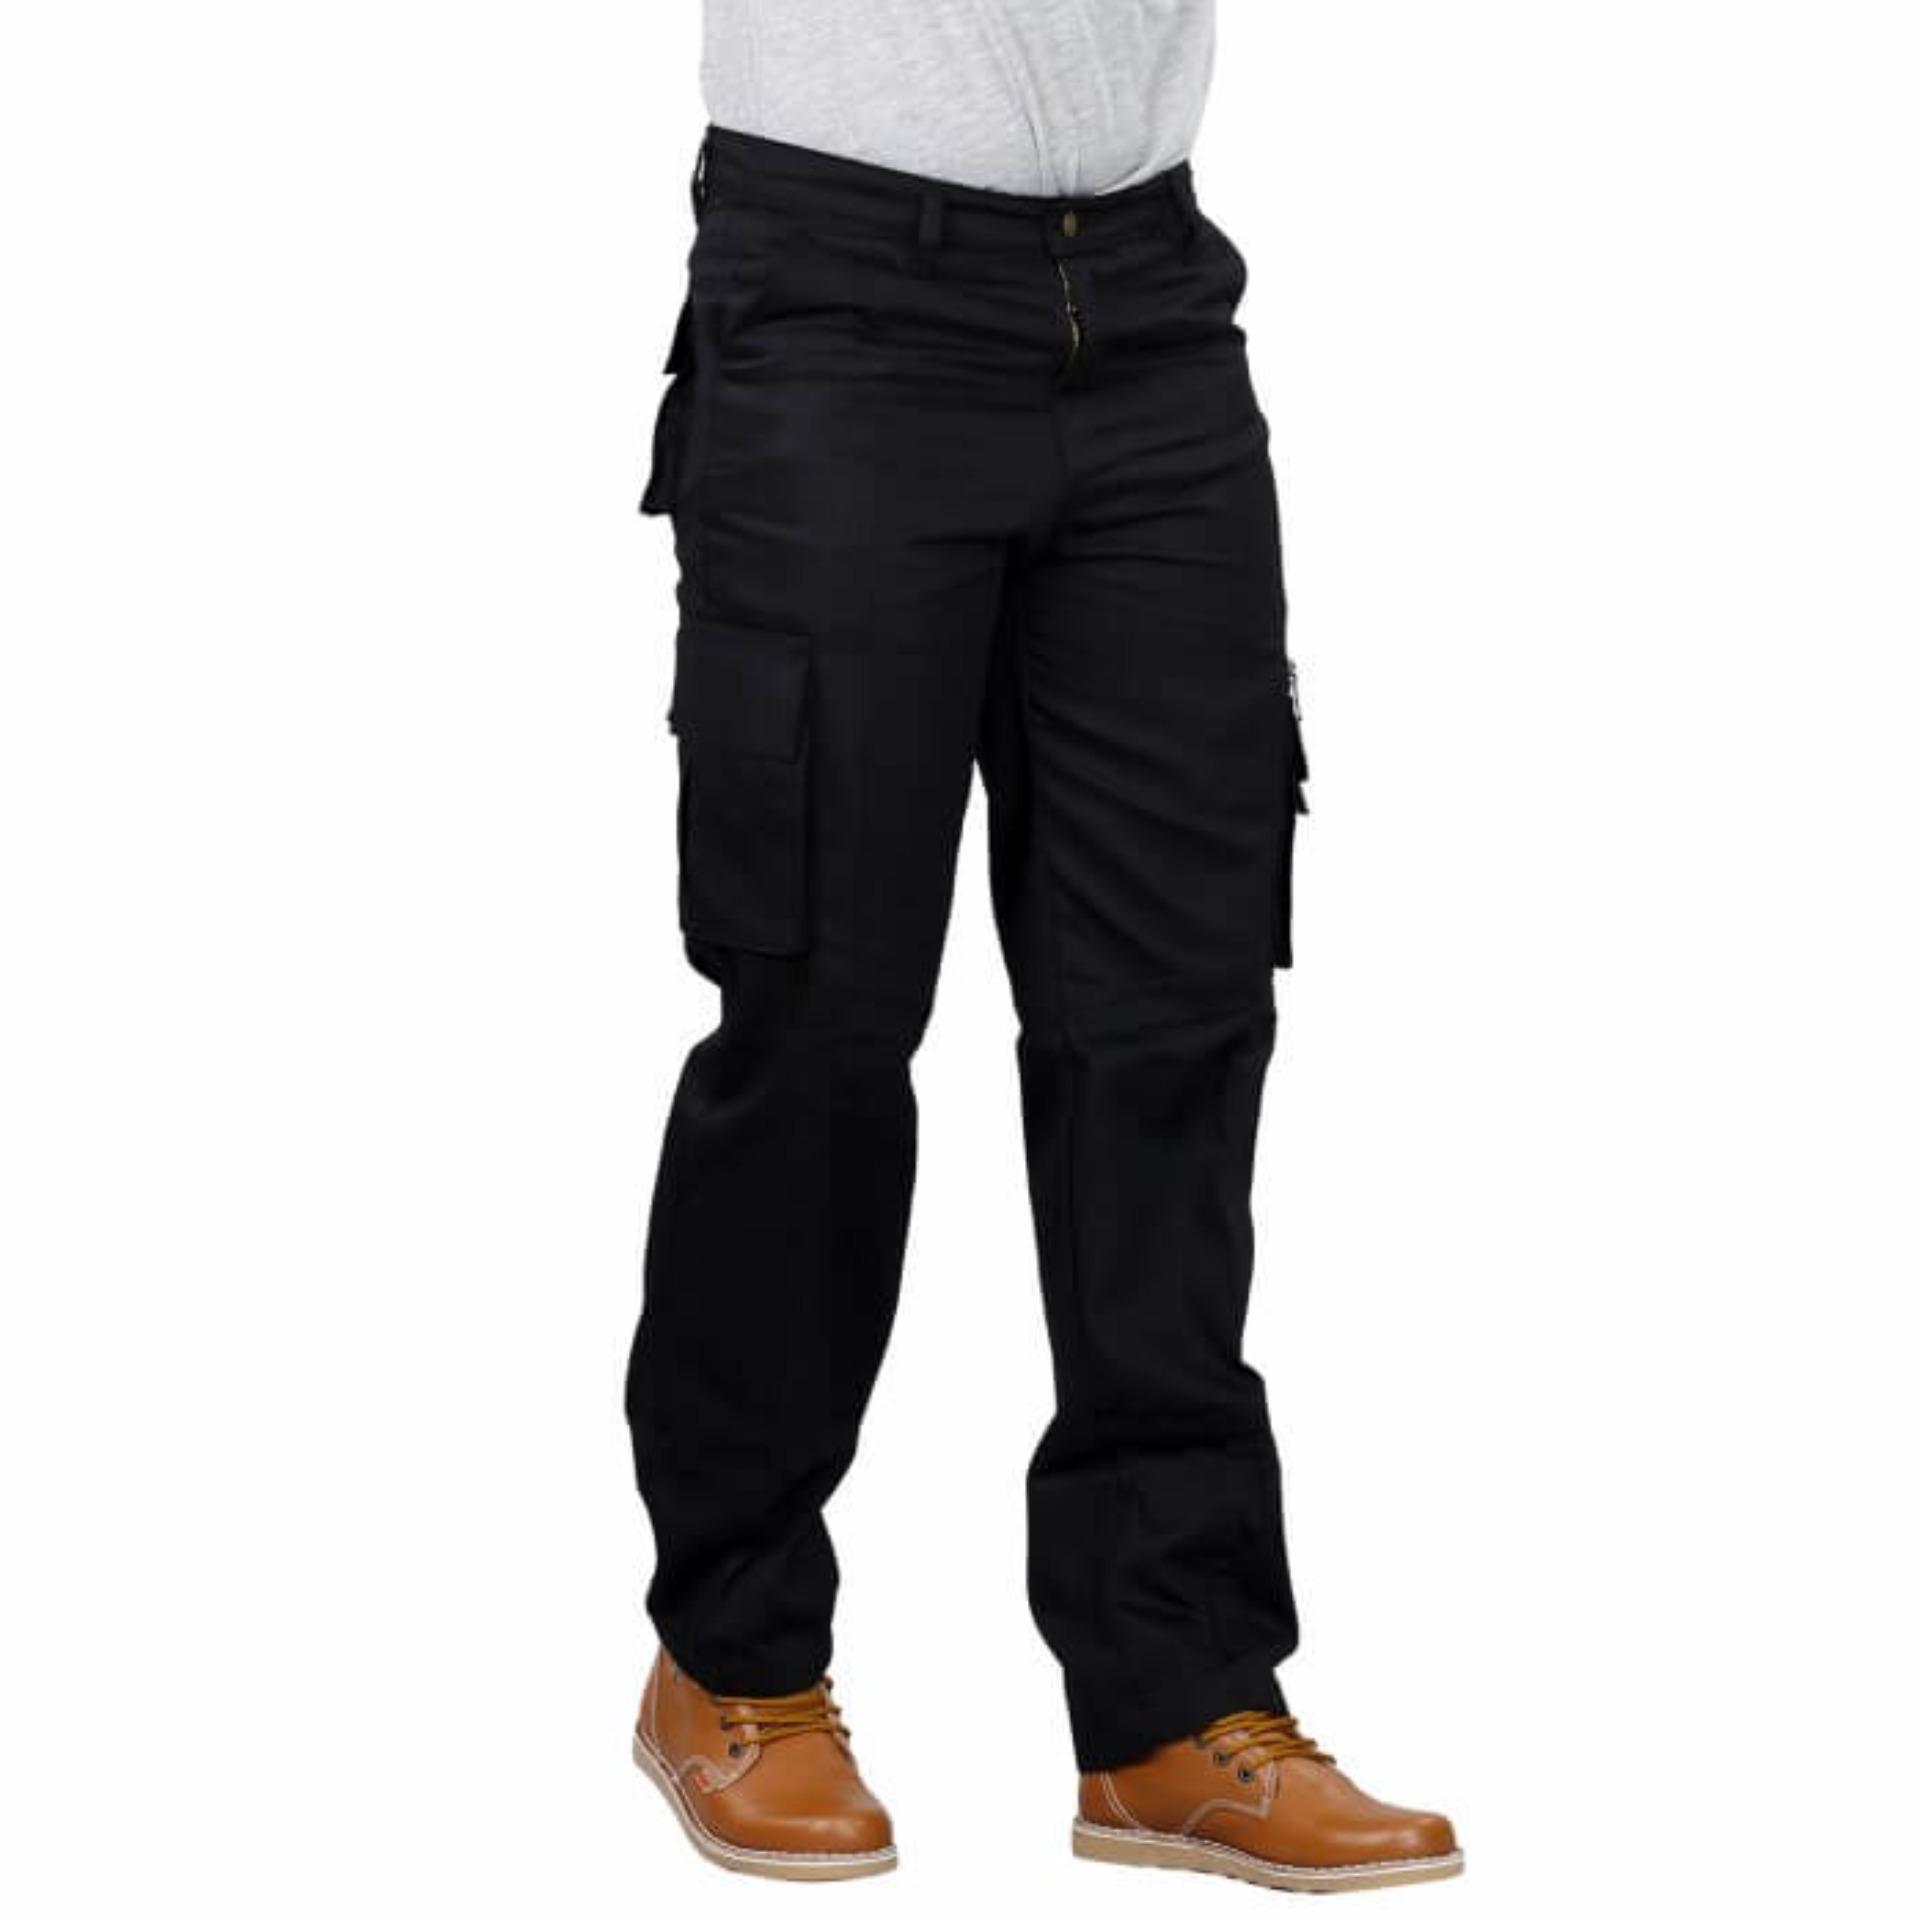 Fitur Golfer Sandal Pria 1014 Putih Dan Harga Terbaru Informasi Warna Hitam Celana Panjang Cargo Gf4301